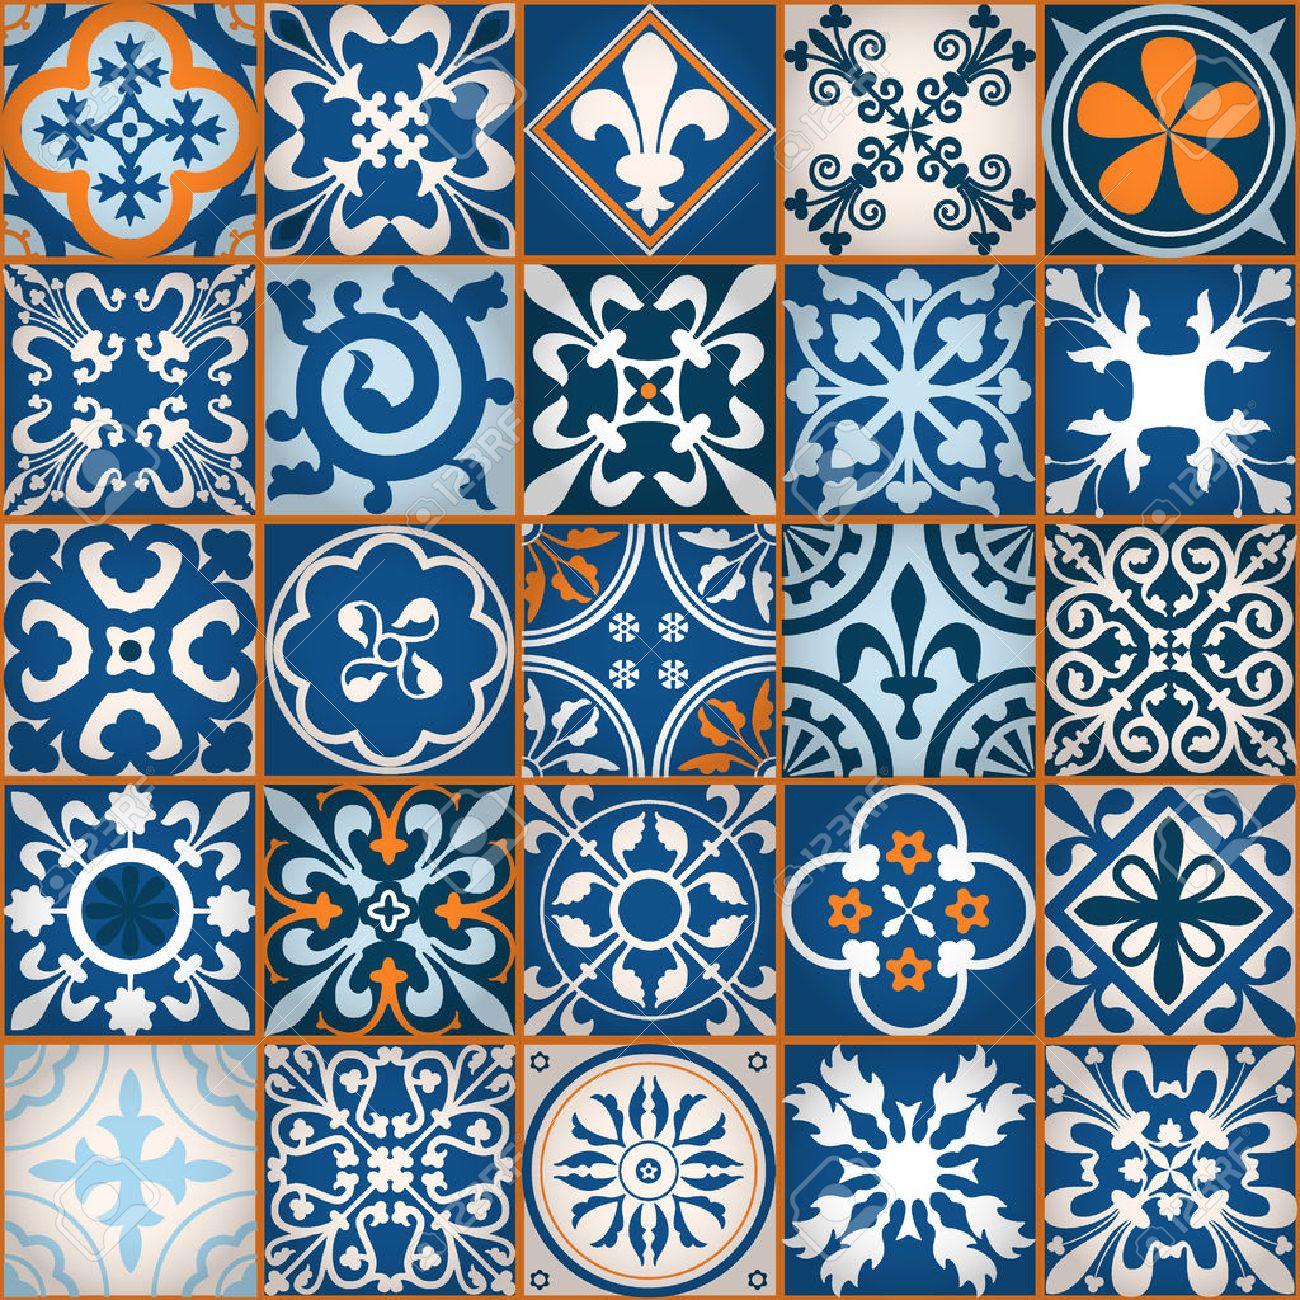 ベクトル図のモロッコ タイルのデザイン 背景 バナーのシームレスなパターン 壁紙やテキスタイルの要素です 中世飾りテクスチャ テンプレートのイラスト素材 ベクタ Image